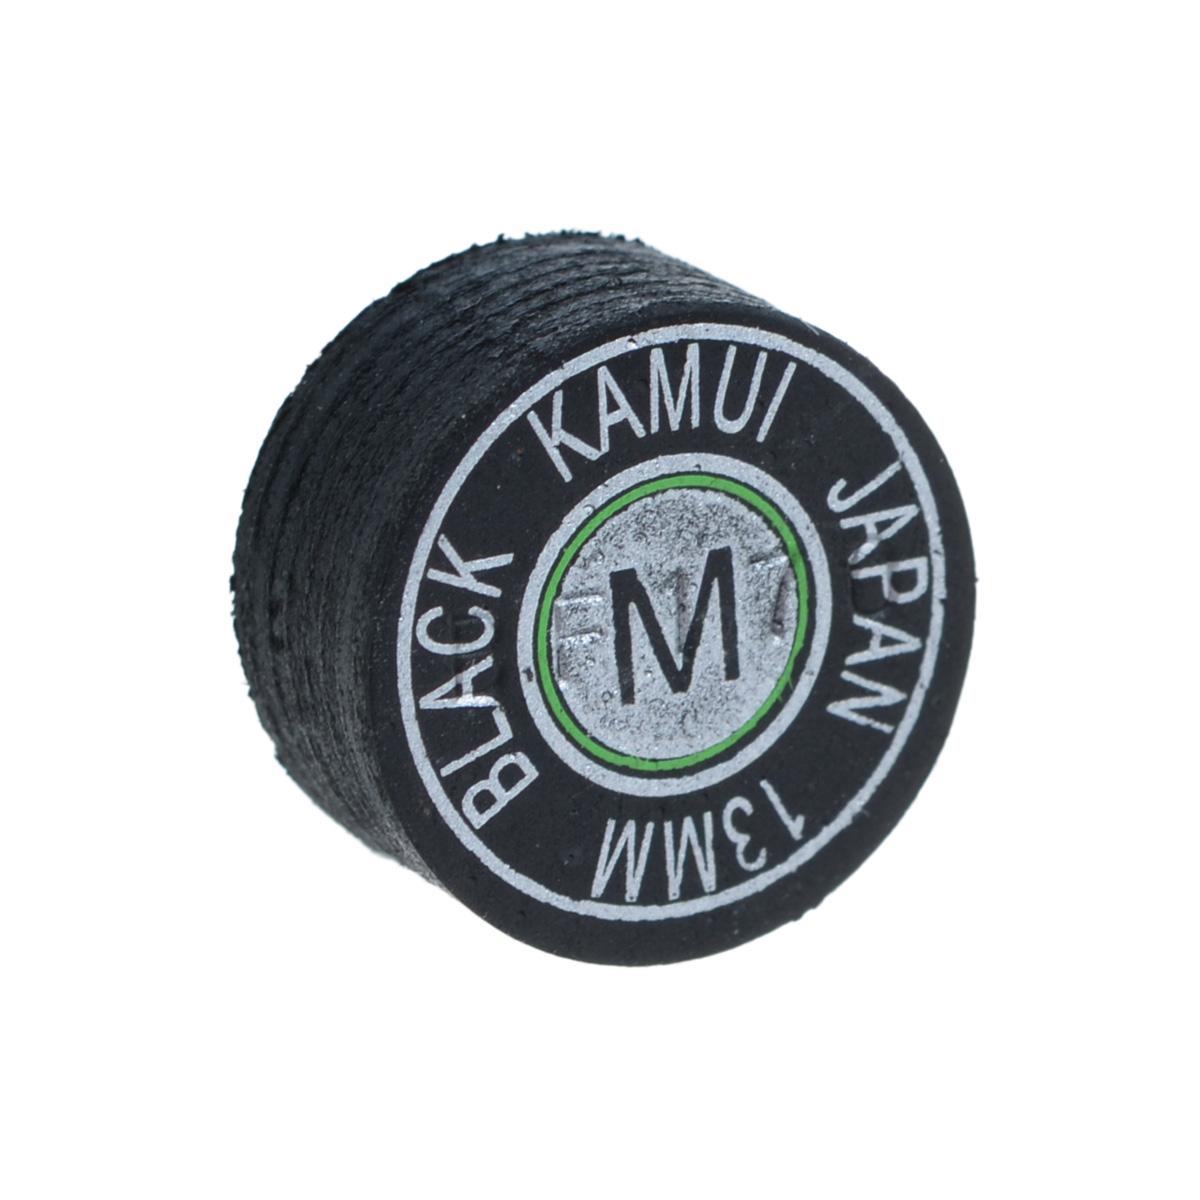 Наклейка для кия Kamui Black, средняя жесткость, 13 мм03101Почему игроки выбирают наклейки KAMUI:Повышенная устойчивость к влажности. Кожа для наклеек KAMUI проходит этап растительного дубления. Это позволяет сделать кожу более эластичной и прочной по сравнению, например, с кожей, которая прошла этап хромового дубления. Тем не менее, после растительного дубления кожа имеет тенденцию поглощать влагу, которая уменьшает как прочность, так и эластичность кожи. Именно поэтому KAMUI проводит дополнительный, специальный, этап дубления кожи, после которого кожа сохраняет прочность и эластичность. Как результат - наклейки KAMUI не изменяют своих игровых свойств даже в средах с повышенной влажностью.Уменьшение эффекта грибной шляпки. Появление у наклейки формы грибной шляпки связано с отсутствием достаточной прочности у наклейки при ударе по шарам. Эта шляпка не позволит игроку сделать точный, аккуратный удар. Во время дубления кожи для наклеек KAMUI процесс останавливается именно в тот момент, когда кожа имеет наибольшую прочность и устойчивость к образованию грибной шляпки.Стабильность. При выборе наклейки для кия очень важна ее стабильность на всем протяжении ее использования. Трудно играть, когда игровые характеристики новой наклейки отличаются от предыдущей, к которой вы уже привыкли. KAMUI направляет большие усилия на улучшение традиционного метода контроля качества. Имея большую базу данных по тестам и разработкам, KAMUI удалось создать лучший контроль качества среди всех производителей бильярдных наклеек. Это позволяет производить наклейки KAMUI, которые абсолютно не отличаются друг от друга - т.е. установив очередную наклейку KAMUI вместо отработавшей, вы не заметите разницы.Контроль качества кожи для наклеек KAMUI. Качество и надежность является важным моментом при производстве высококлассных бильярдных наклеек. KAMUI ввел новый специальный метод проверки кожи на ее структуру и реакцию на растительное дубление. KAMUI работает над привлечением новых и традиционных те